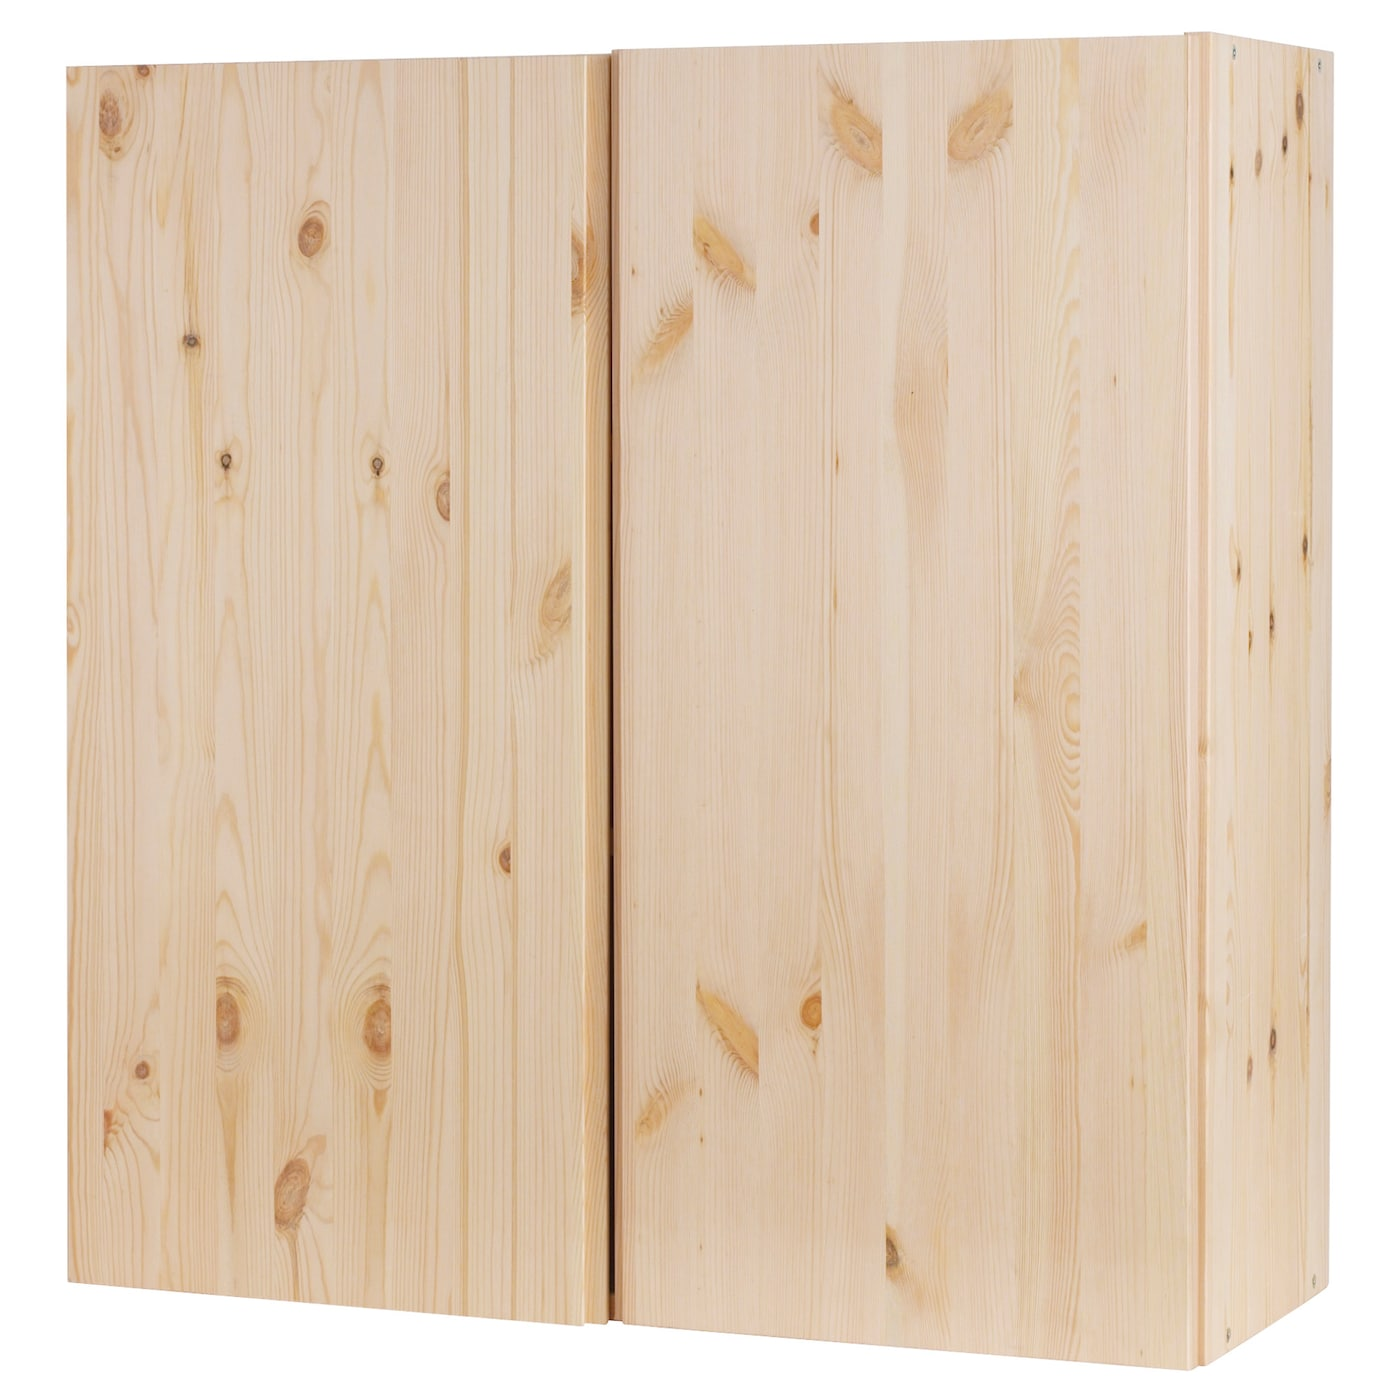 Full Size of Vorratsschrank Holz Unterschrank Bad Küche Esstische Massivholz Waschtisch Holzbank Garten Holzofen Esstisch Rustikal Holzhaus Bett 180x200 Regal Alu Fenster Wohnzimmer Vorratsschrank Holz